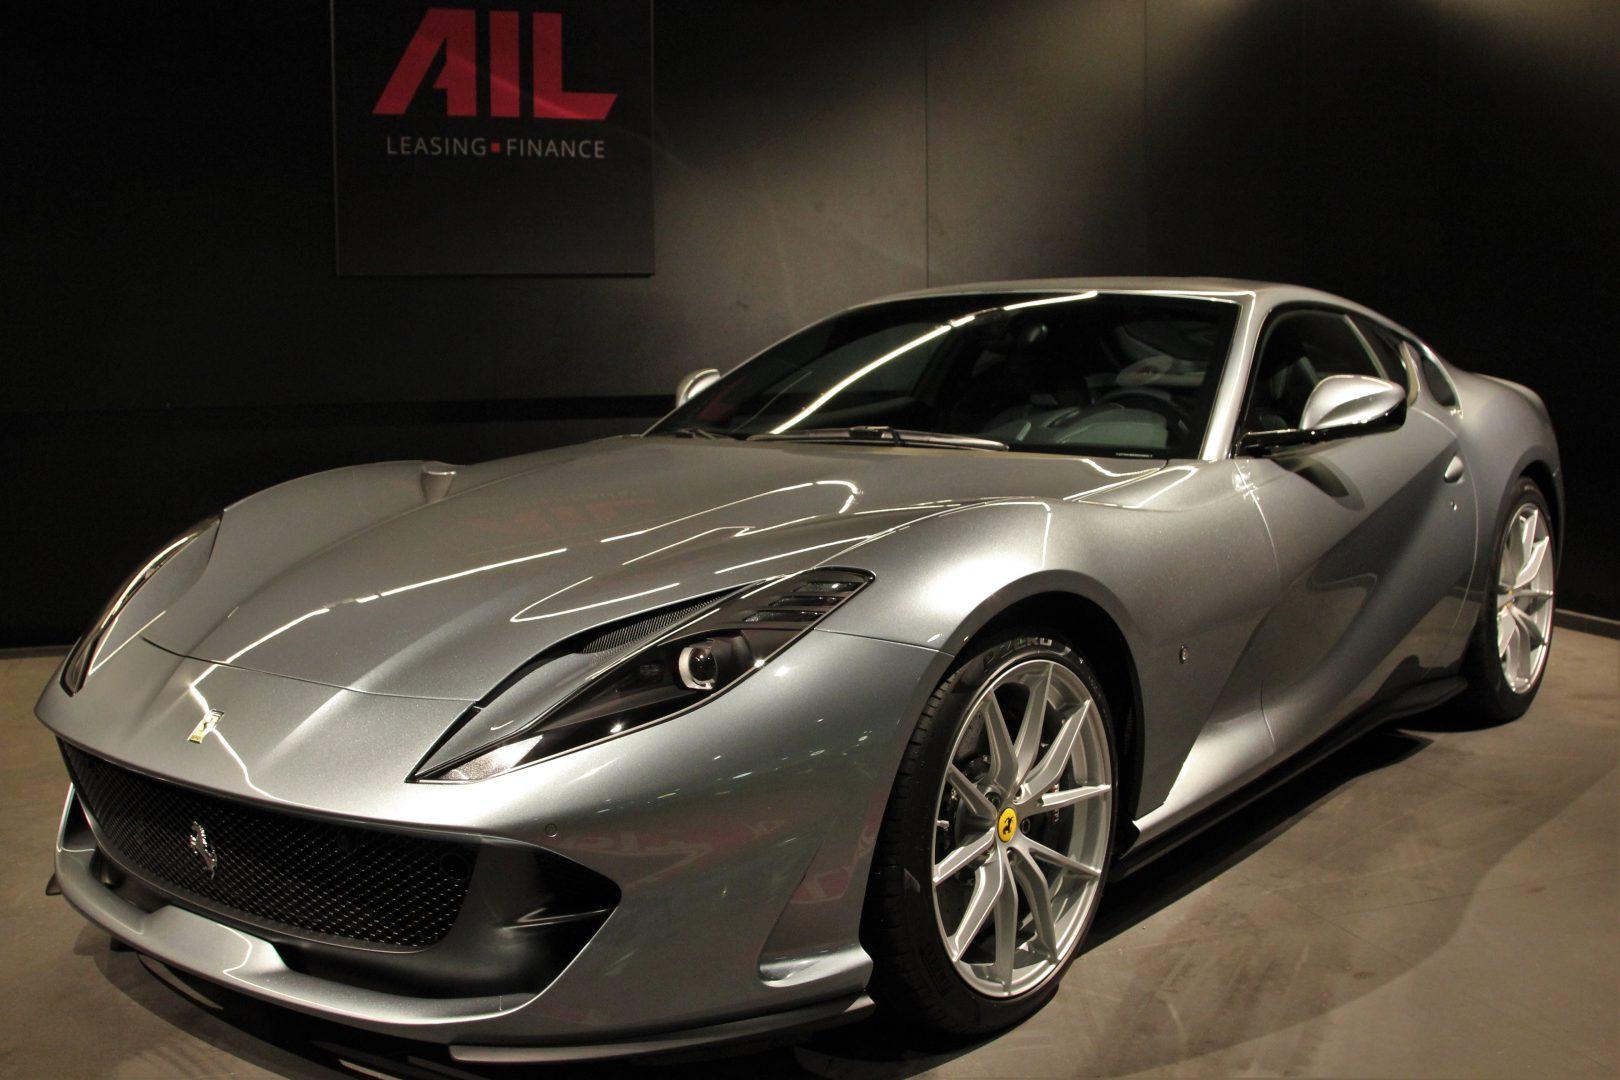 AIL Ferrari 812 Superfast Titane Grigio  14